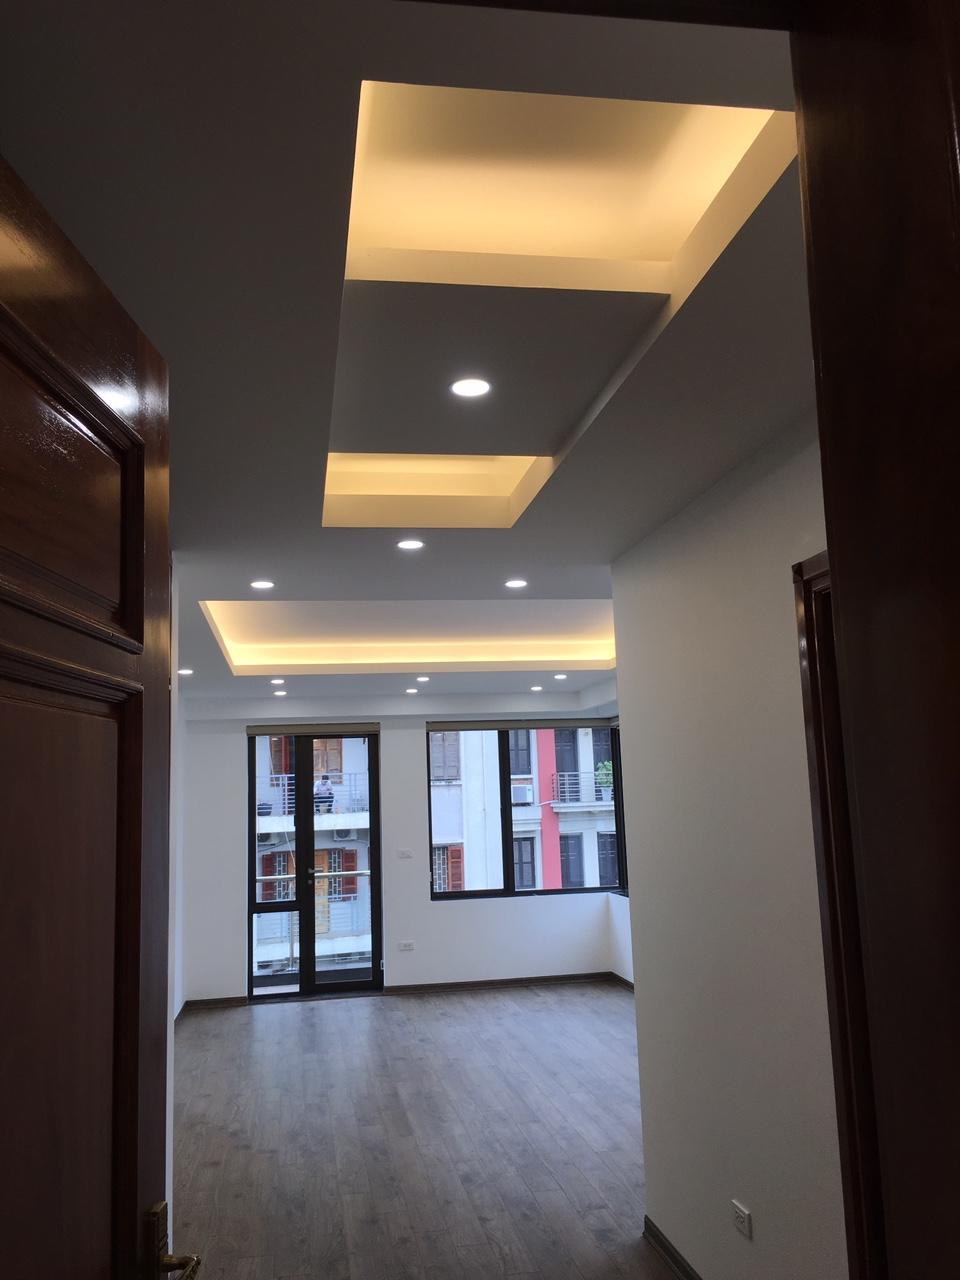 Hoàn thiện xây mới công trình nhà chú Hải tại Lạc Long Quân-9